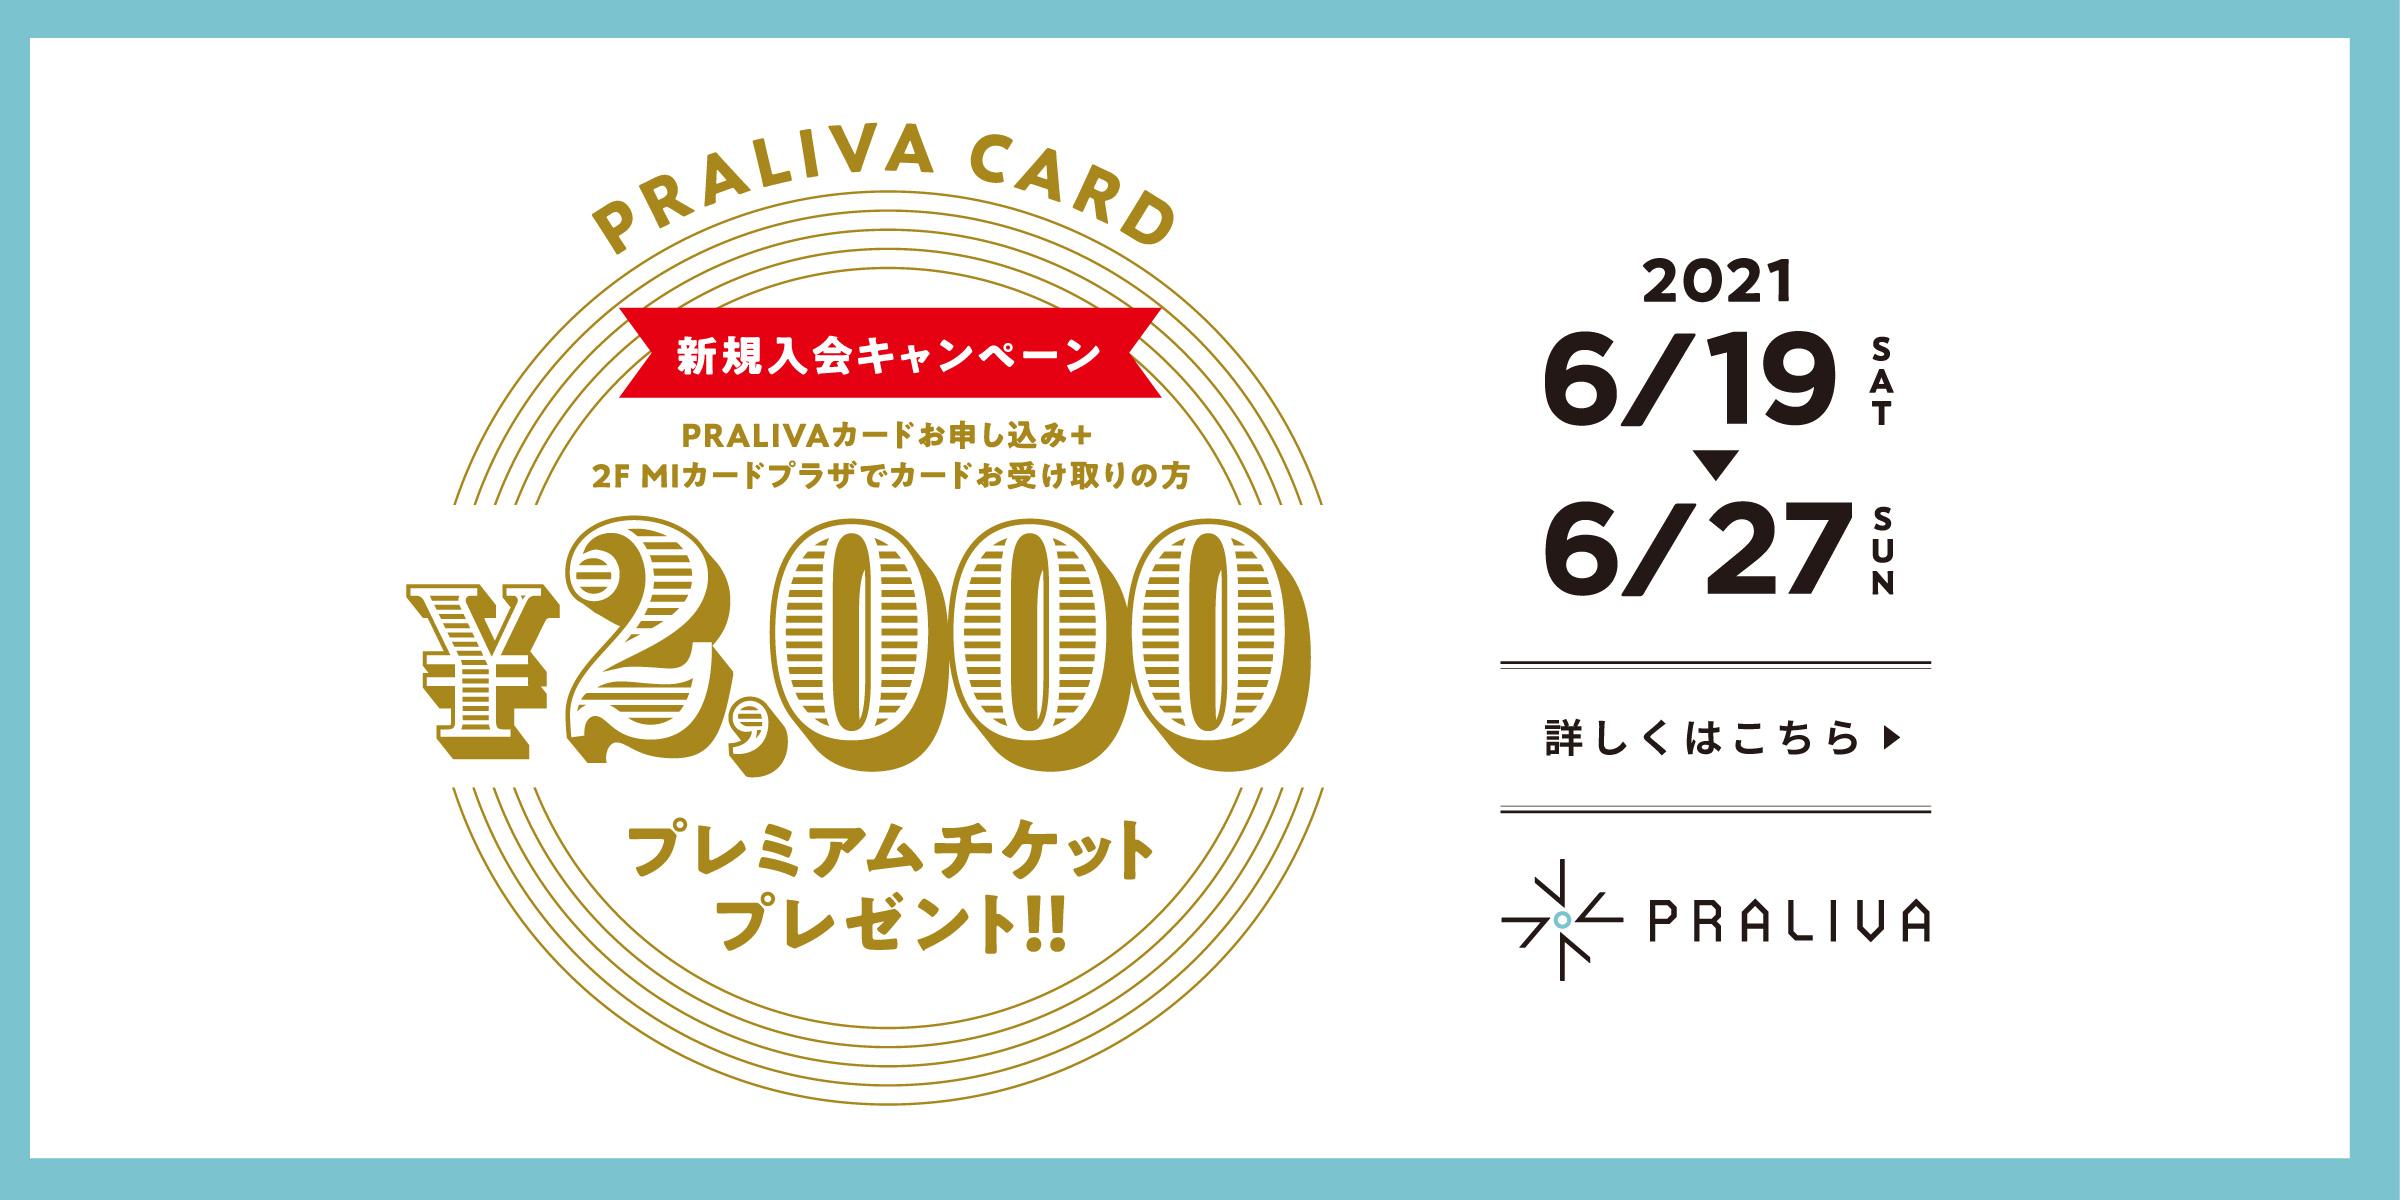 ¥2000クーポン